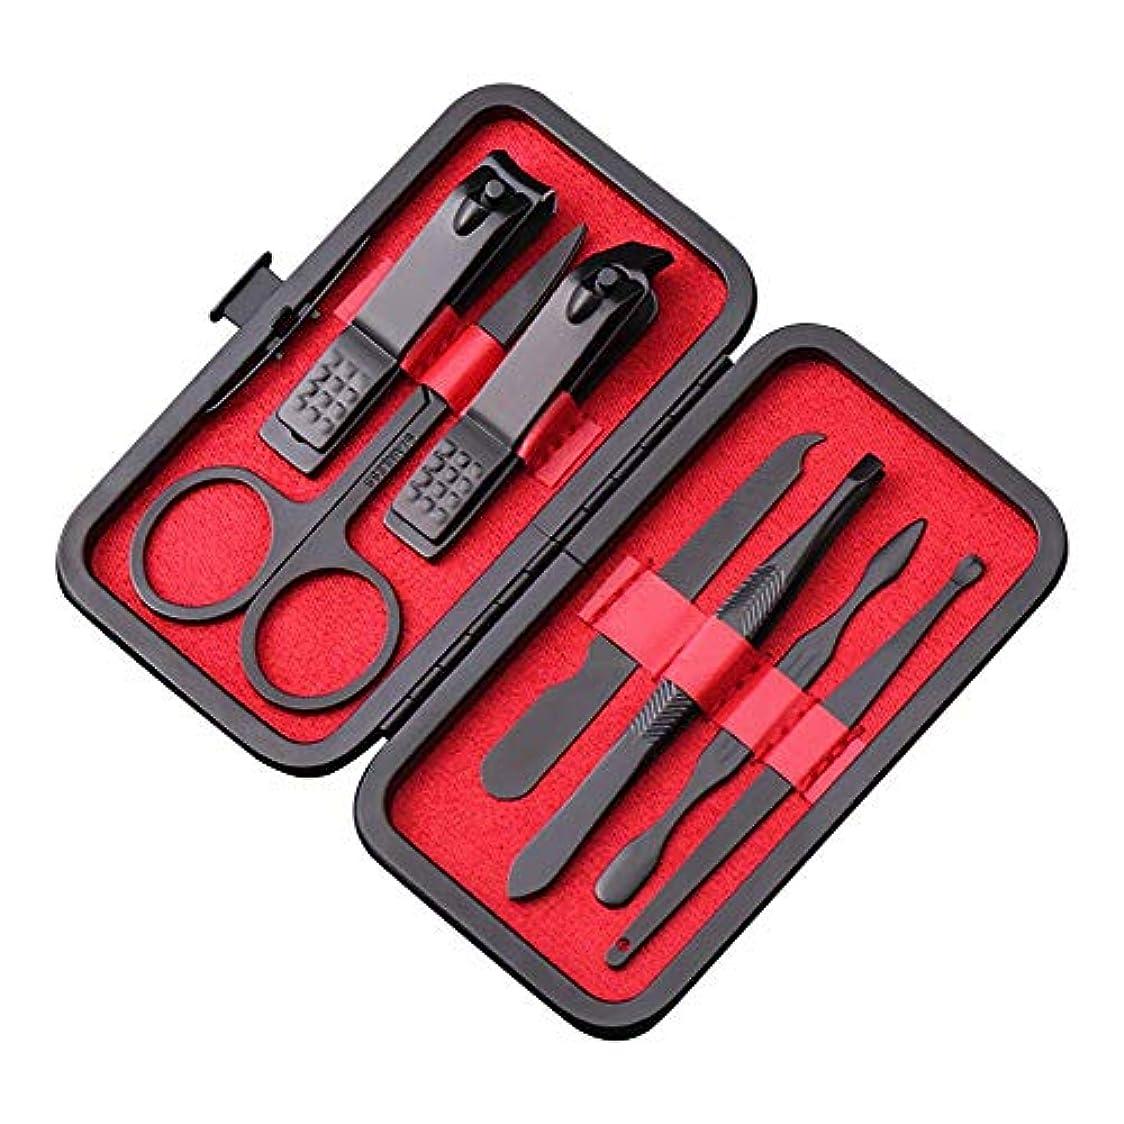 牛モナリザメディアマニキュア ペディキュアキット 爪切りセット 7点セット プロのビューティキット ネイルハサミ 甘皮取り レザーケース付き 赤